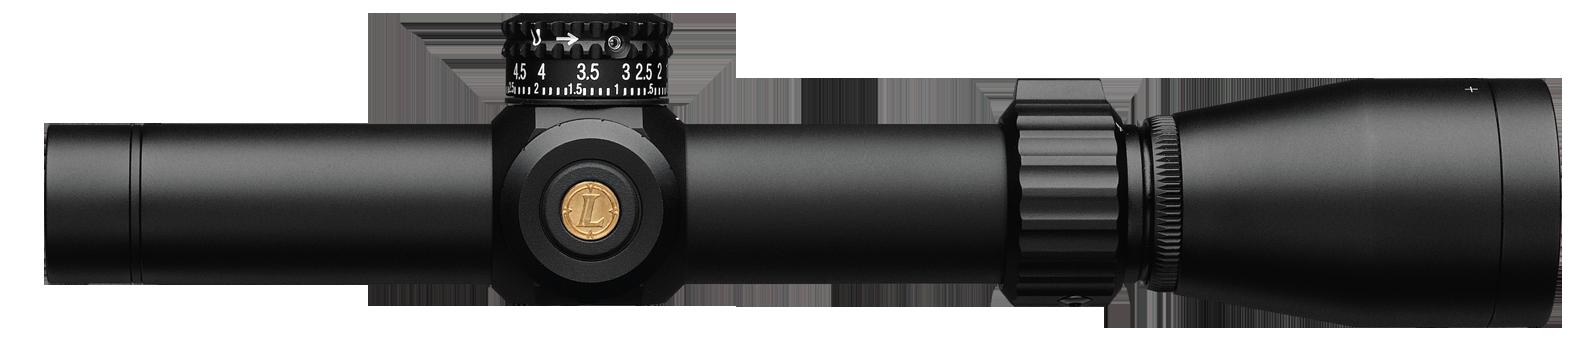 Оптический прицел Leupold Mark AR MOD-1 1.5-4x20, Duplex